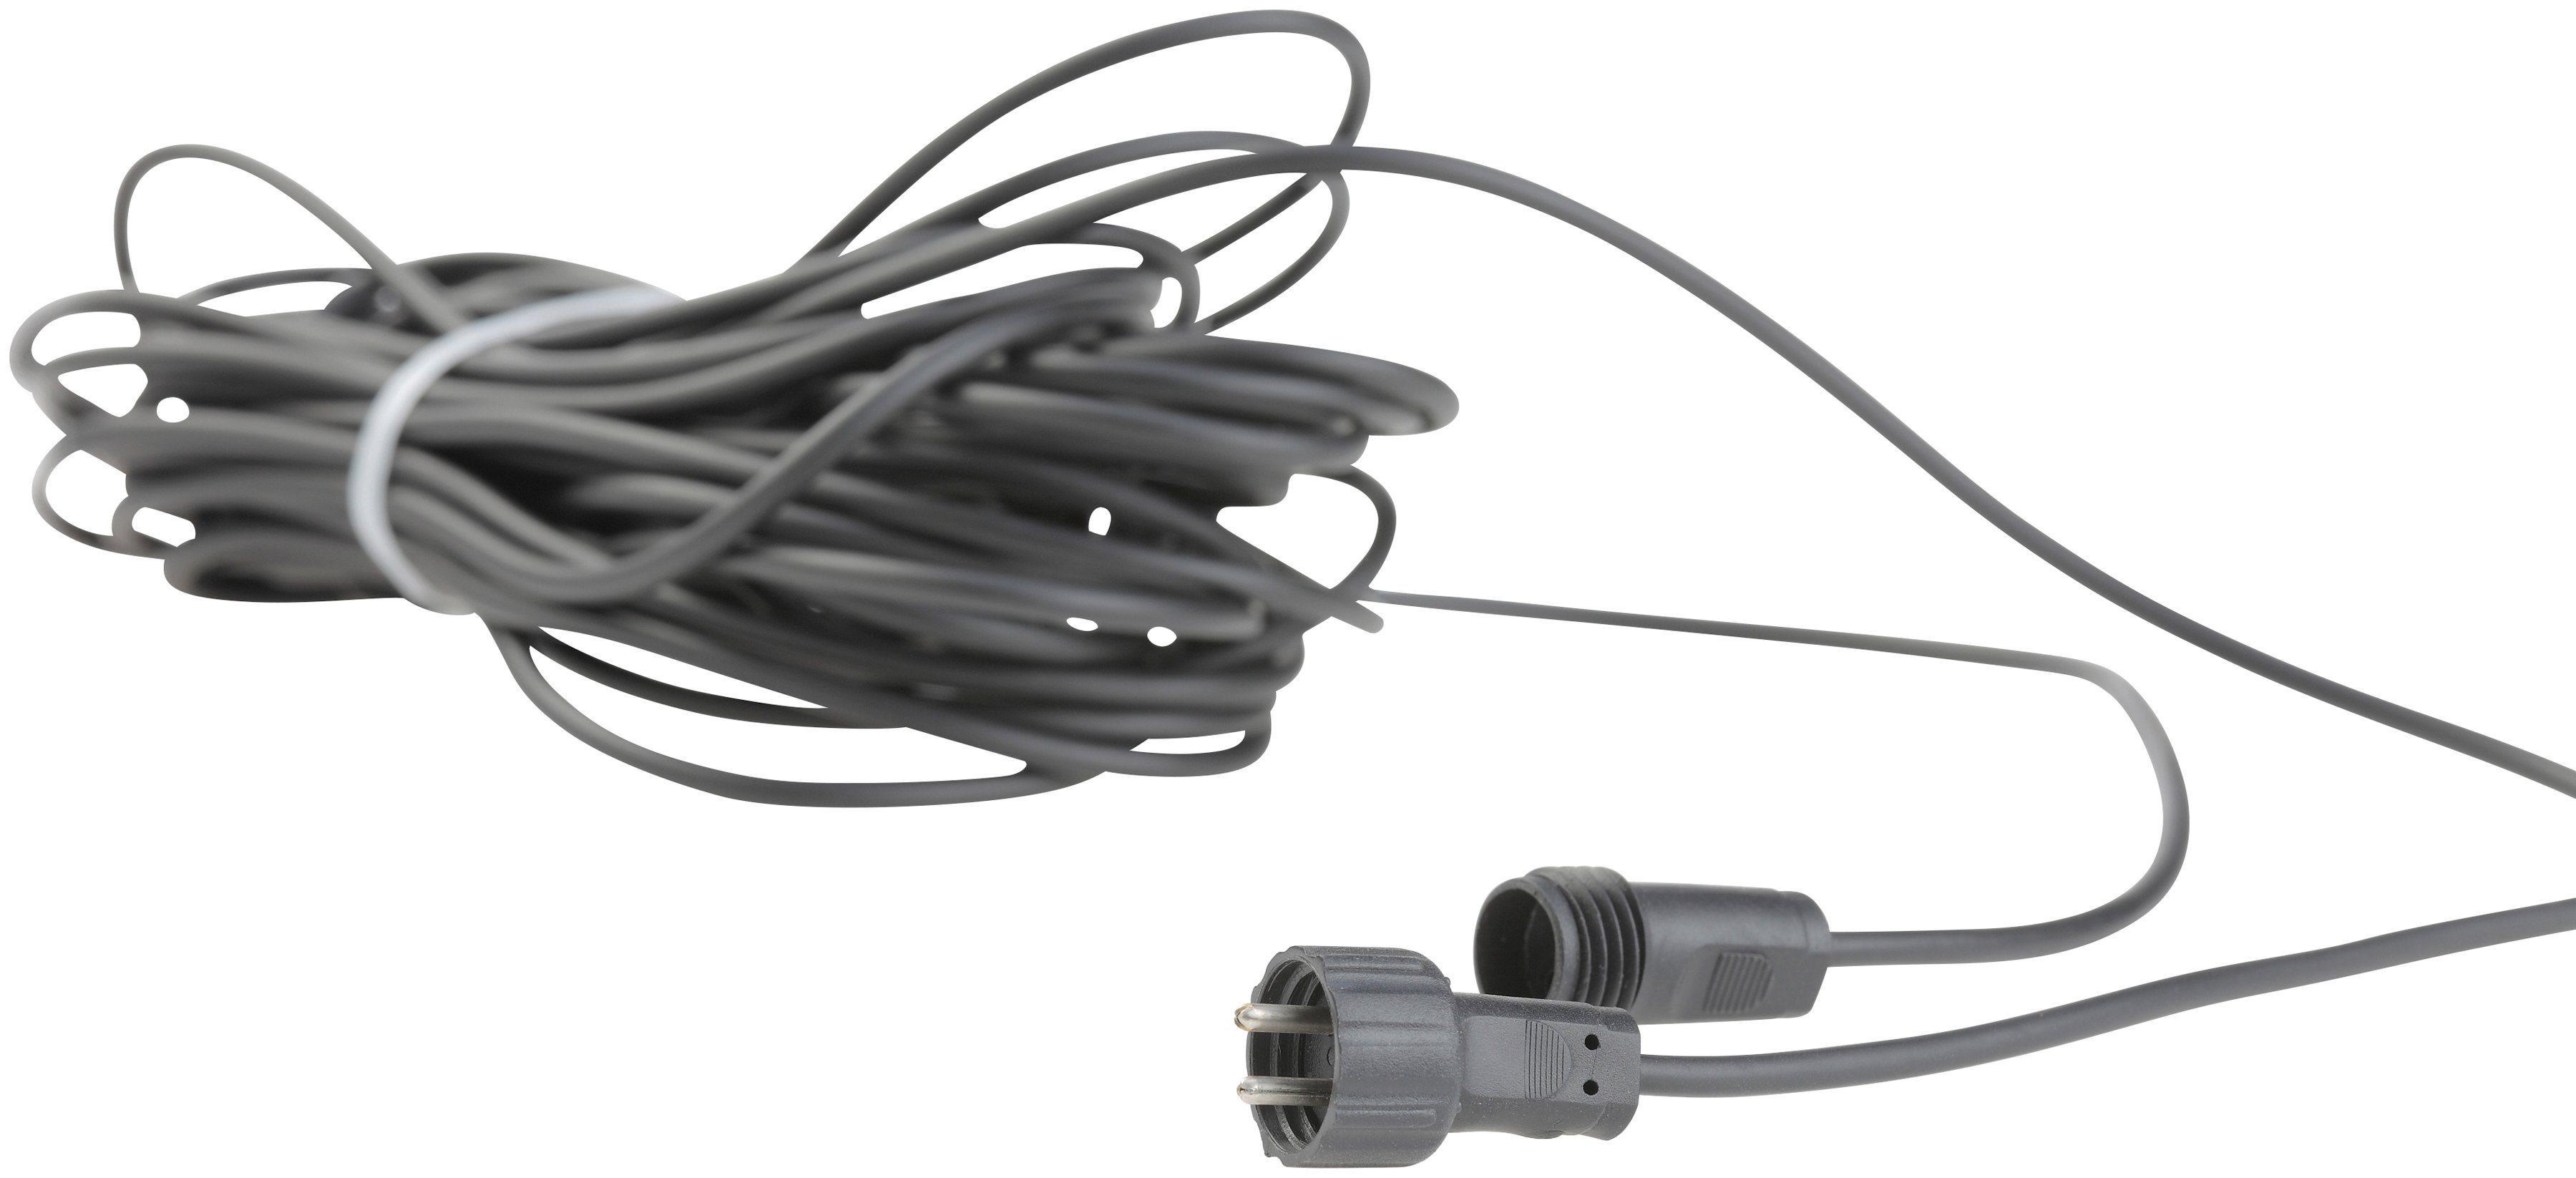 OASE Verlängerungskabel »LunAqua Terra LED«, 10 Meter | Baumarkt > Elektroinstallation > Verlängerungskabel | OASE